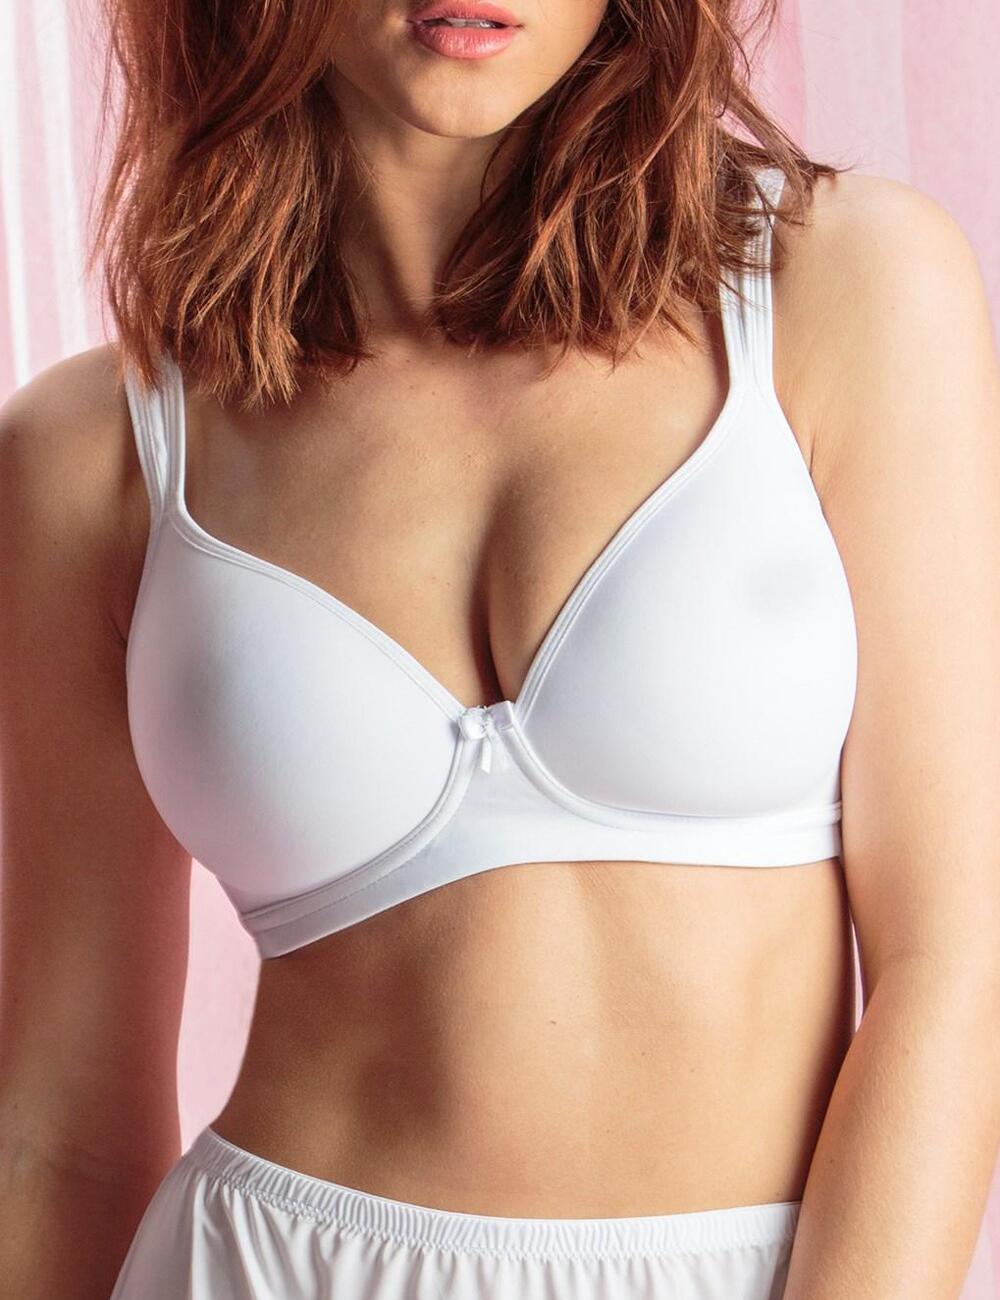 4823938ce2e66 https   www.flowerbags.co.uk womens-underwear  0.7 2017-04-11 ...